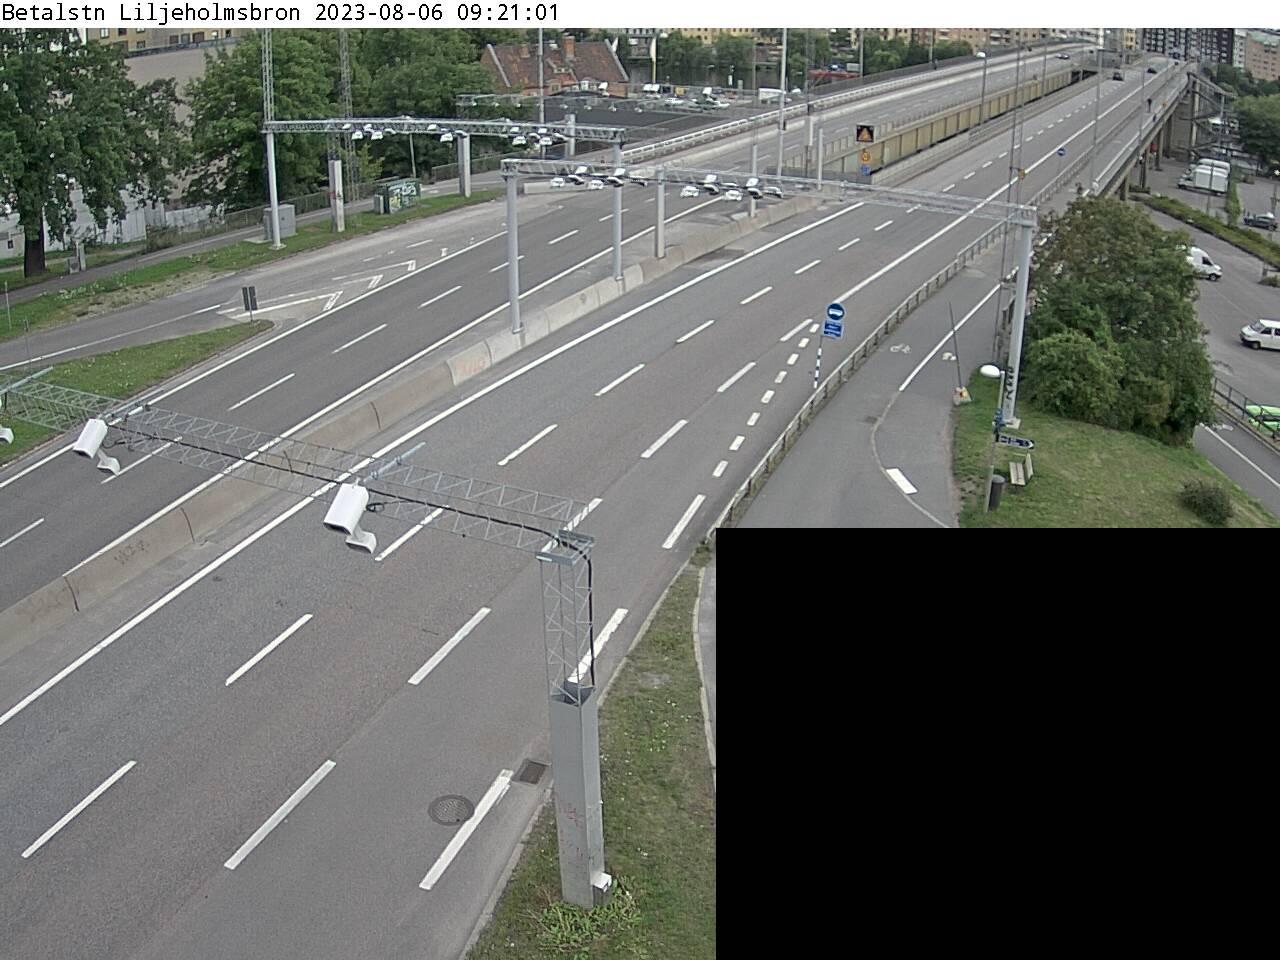 Trafikkamera - Liljeholmsbron, Södertäljevägen